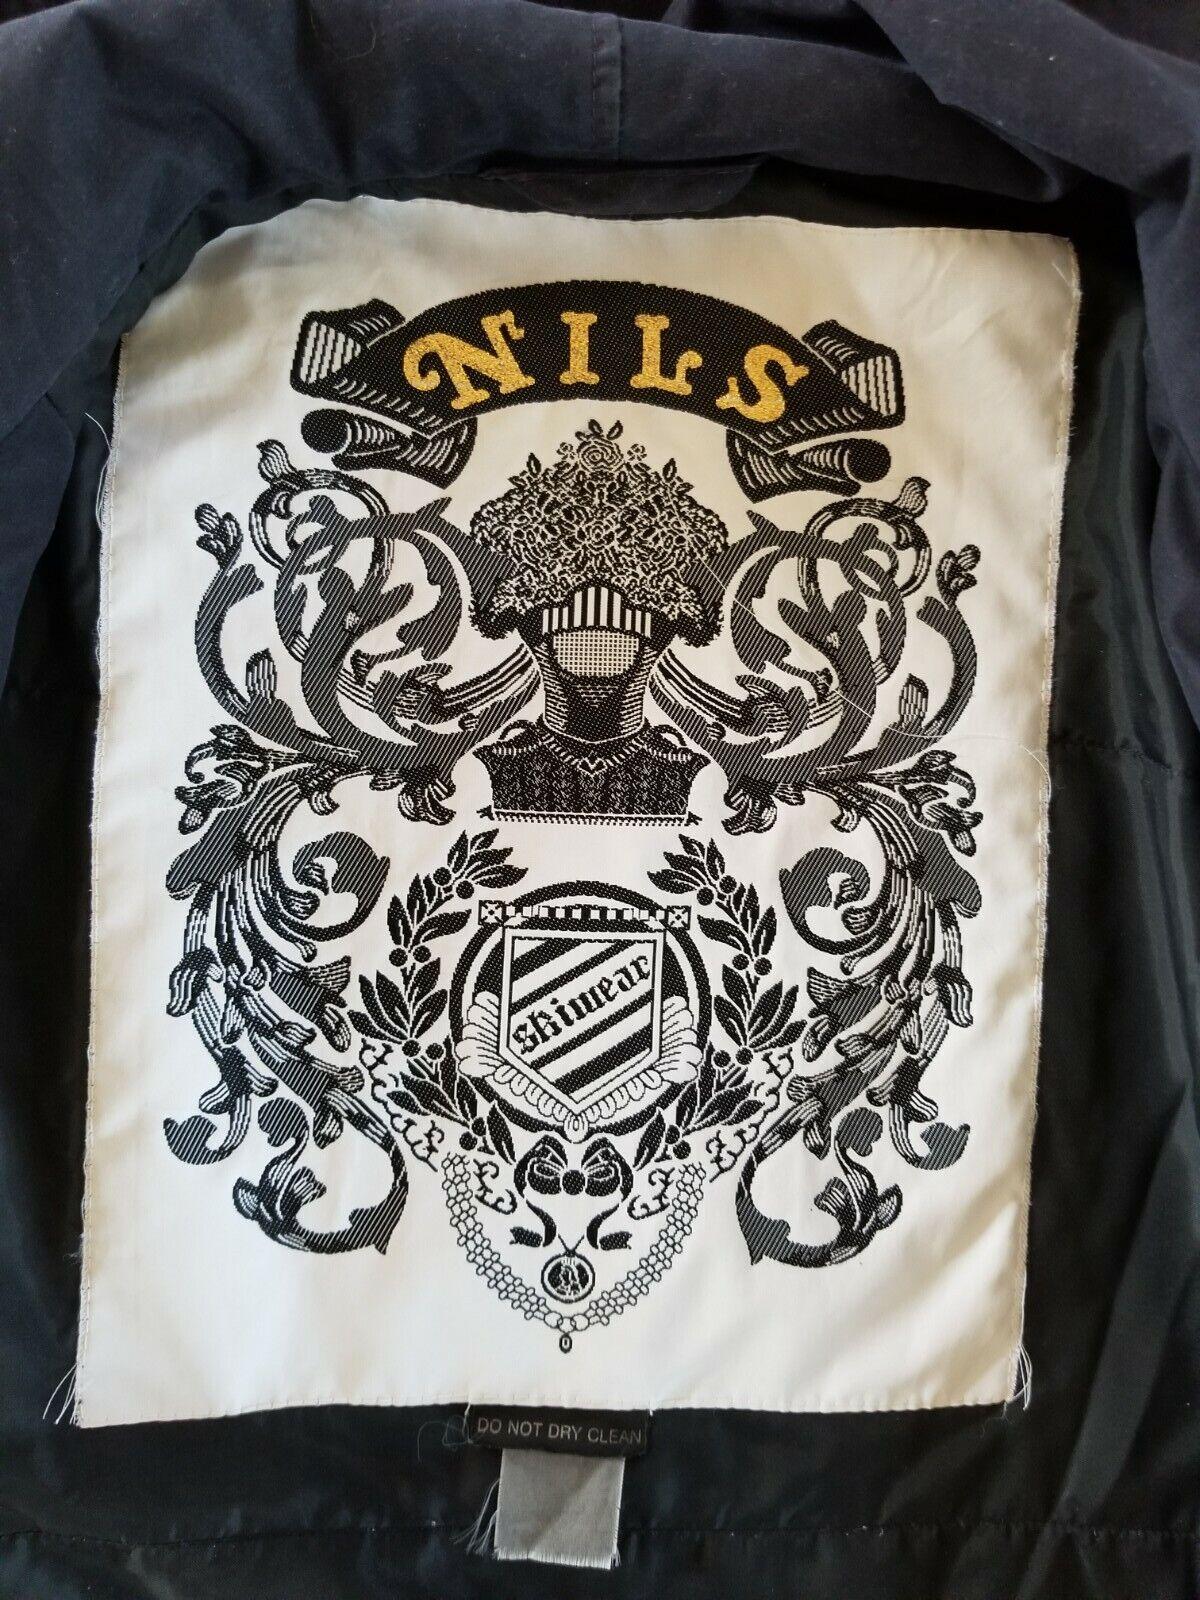 Vtg 80's NILS Black Ski Jacket Coat USA Made LARGE, Hood, Soft fabric, belt, Zip